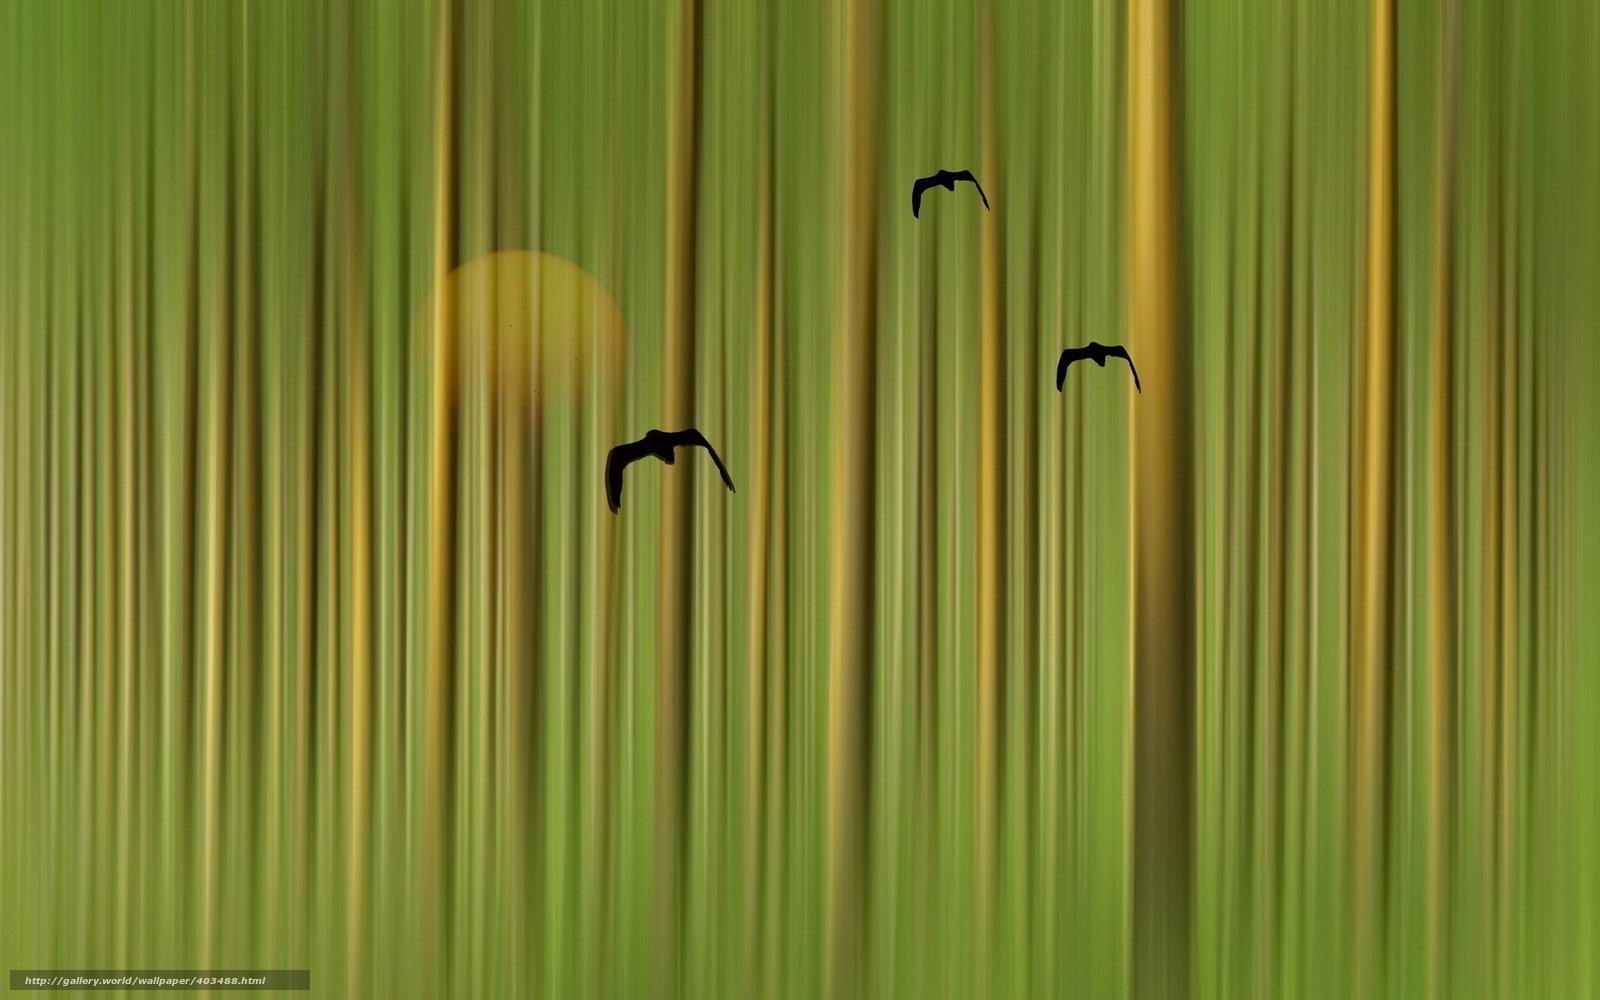 Tlcharger fond d 39 ecran oiseaux fond couleur style fonds for Fond decran style